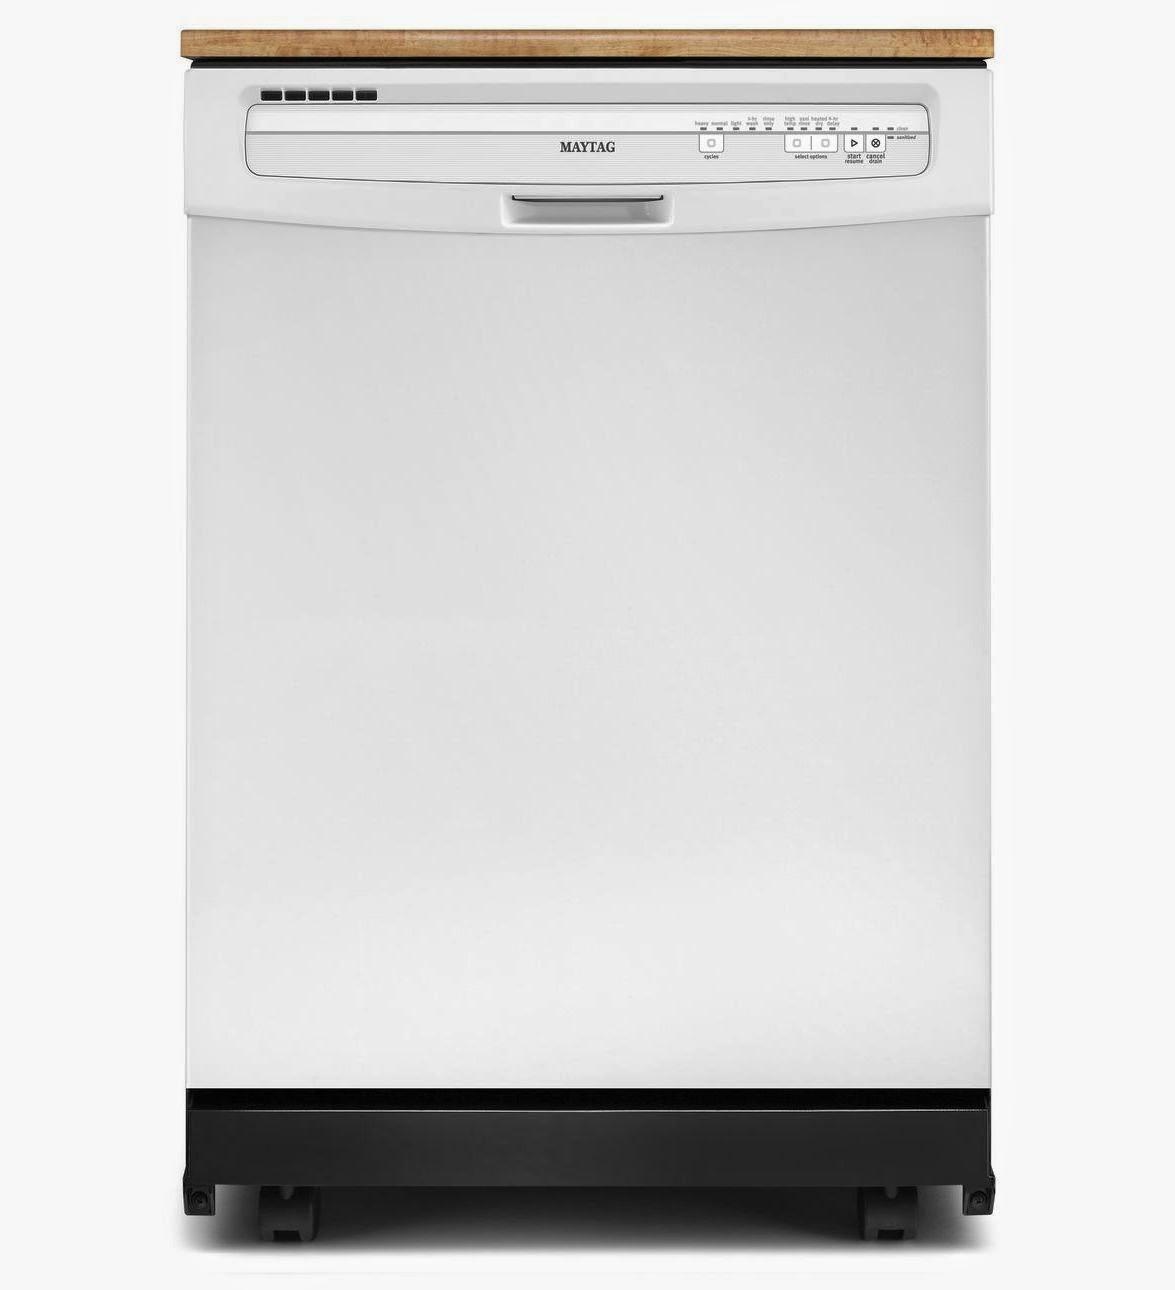 MDC4809PAW White Reviews